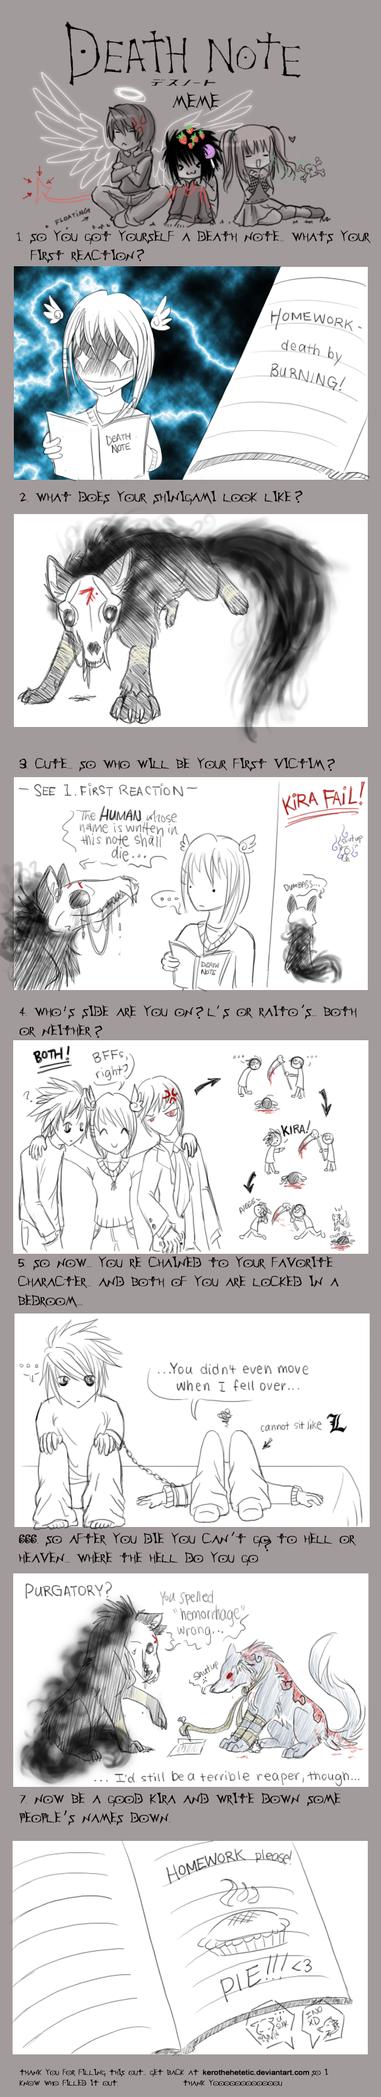 INKY Death Note Meme by Inkshadow